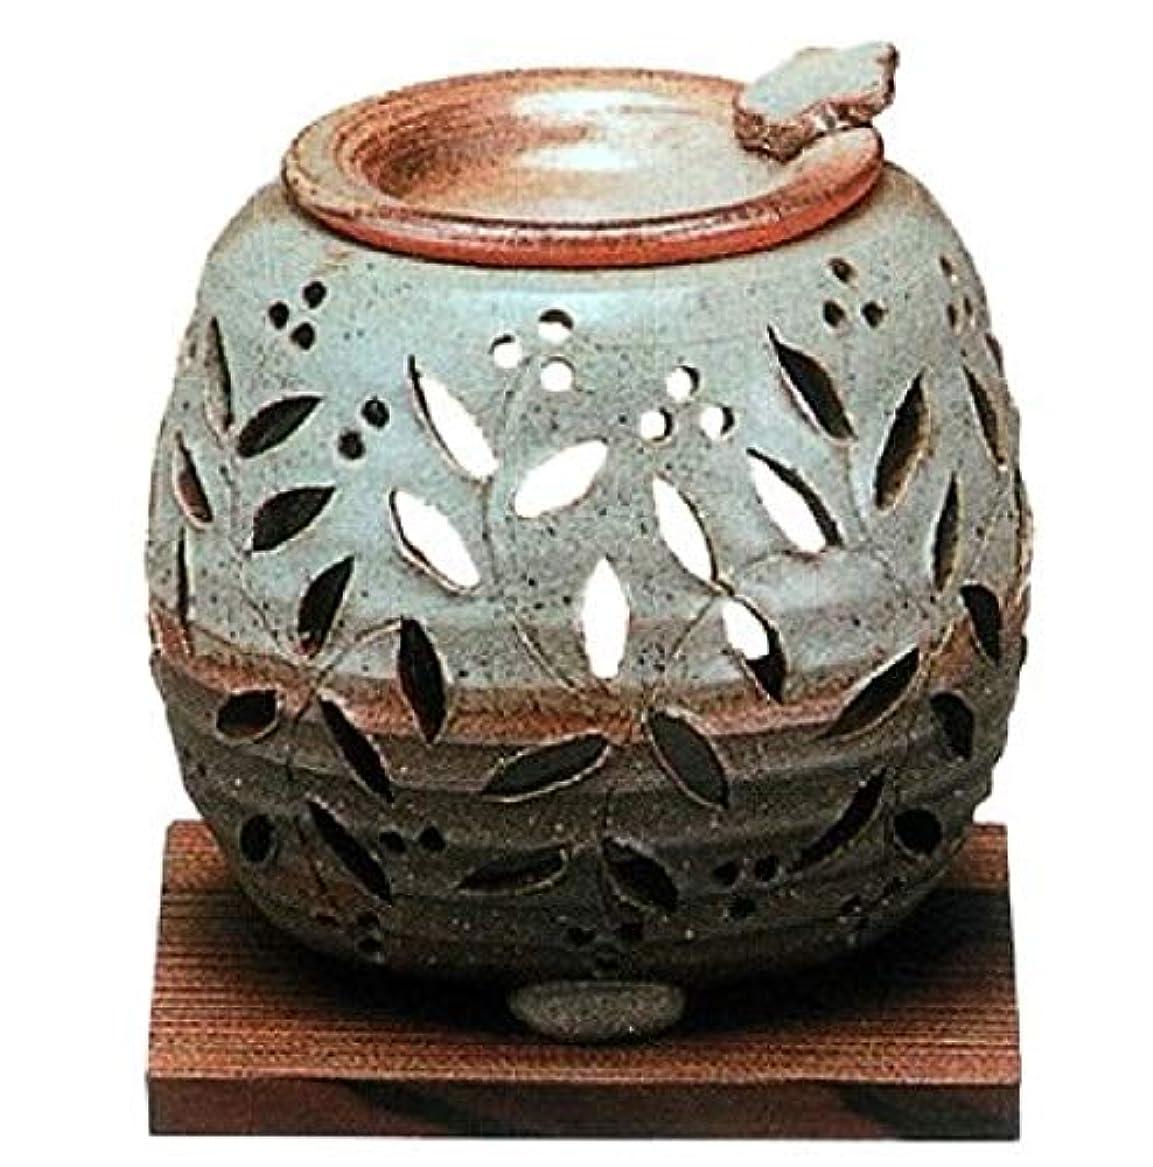 個人的に隣接レベル【常滑焼】石龍 緑灰釉花透かし彫り茶香炉 灰釉花透かし  φ11×H11㎝ 3-829